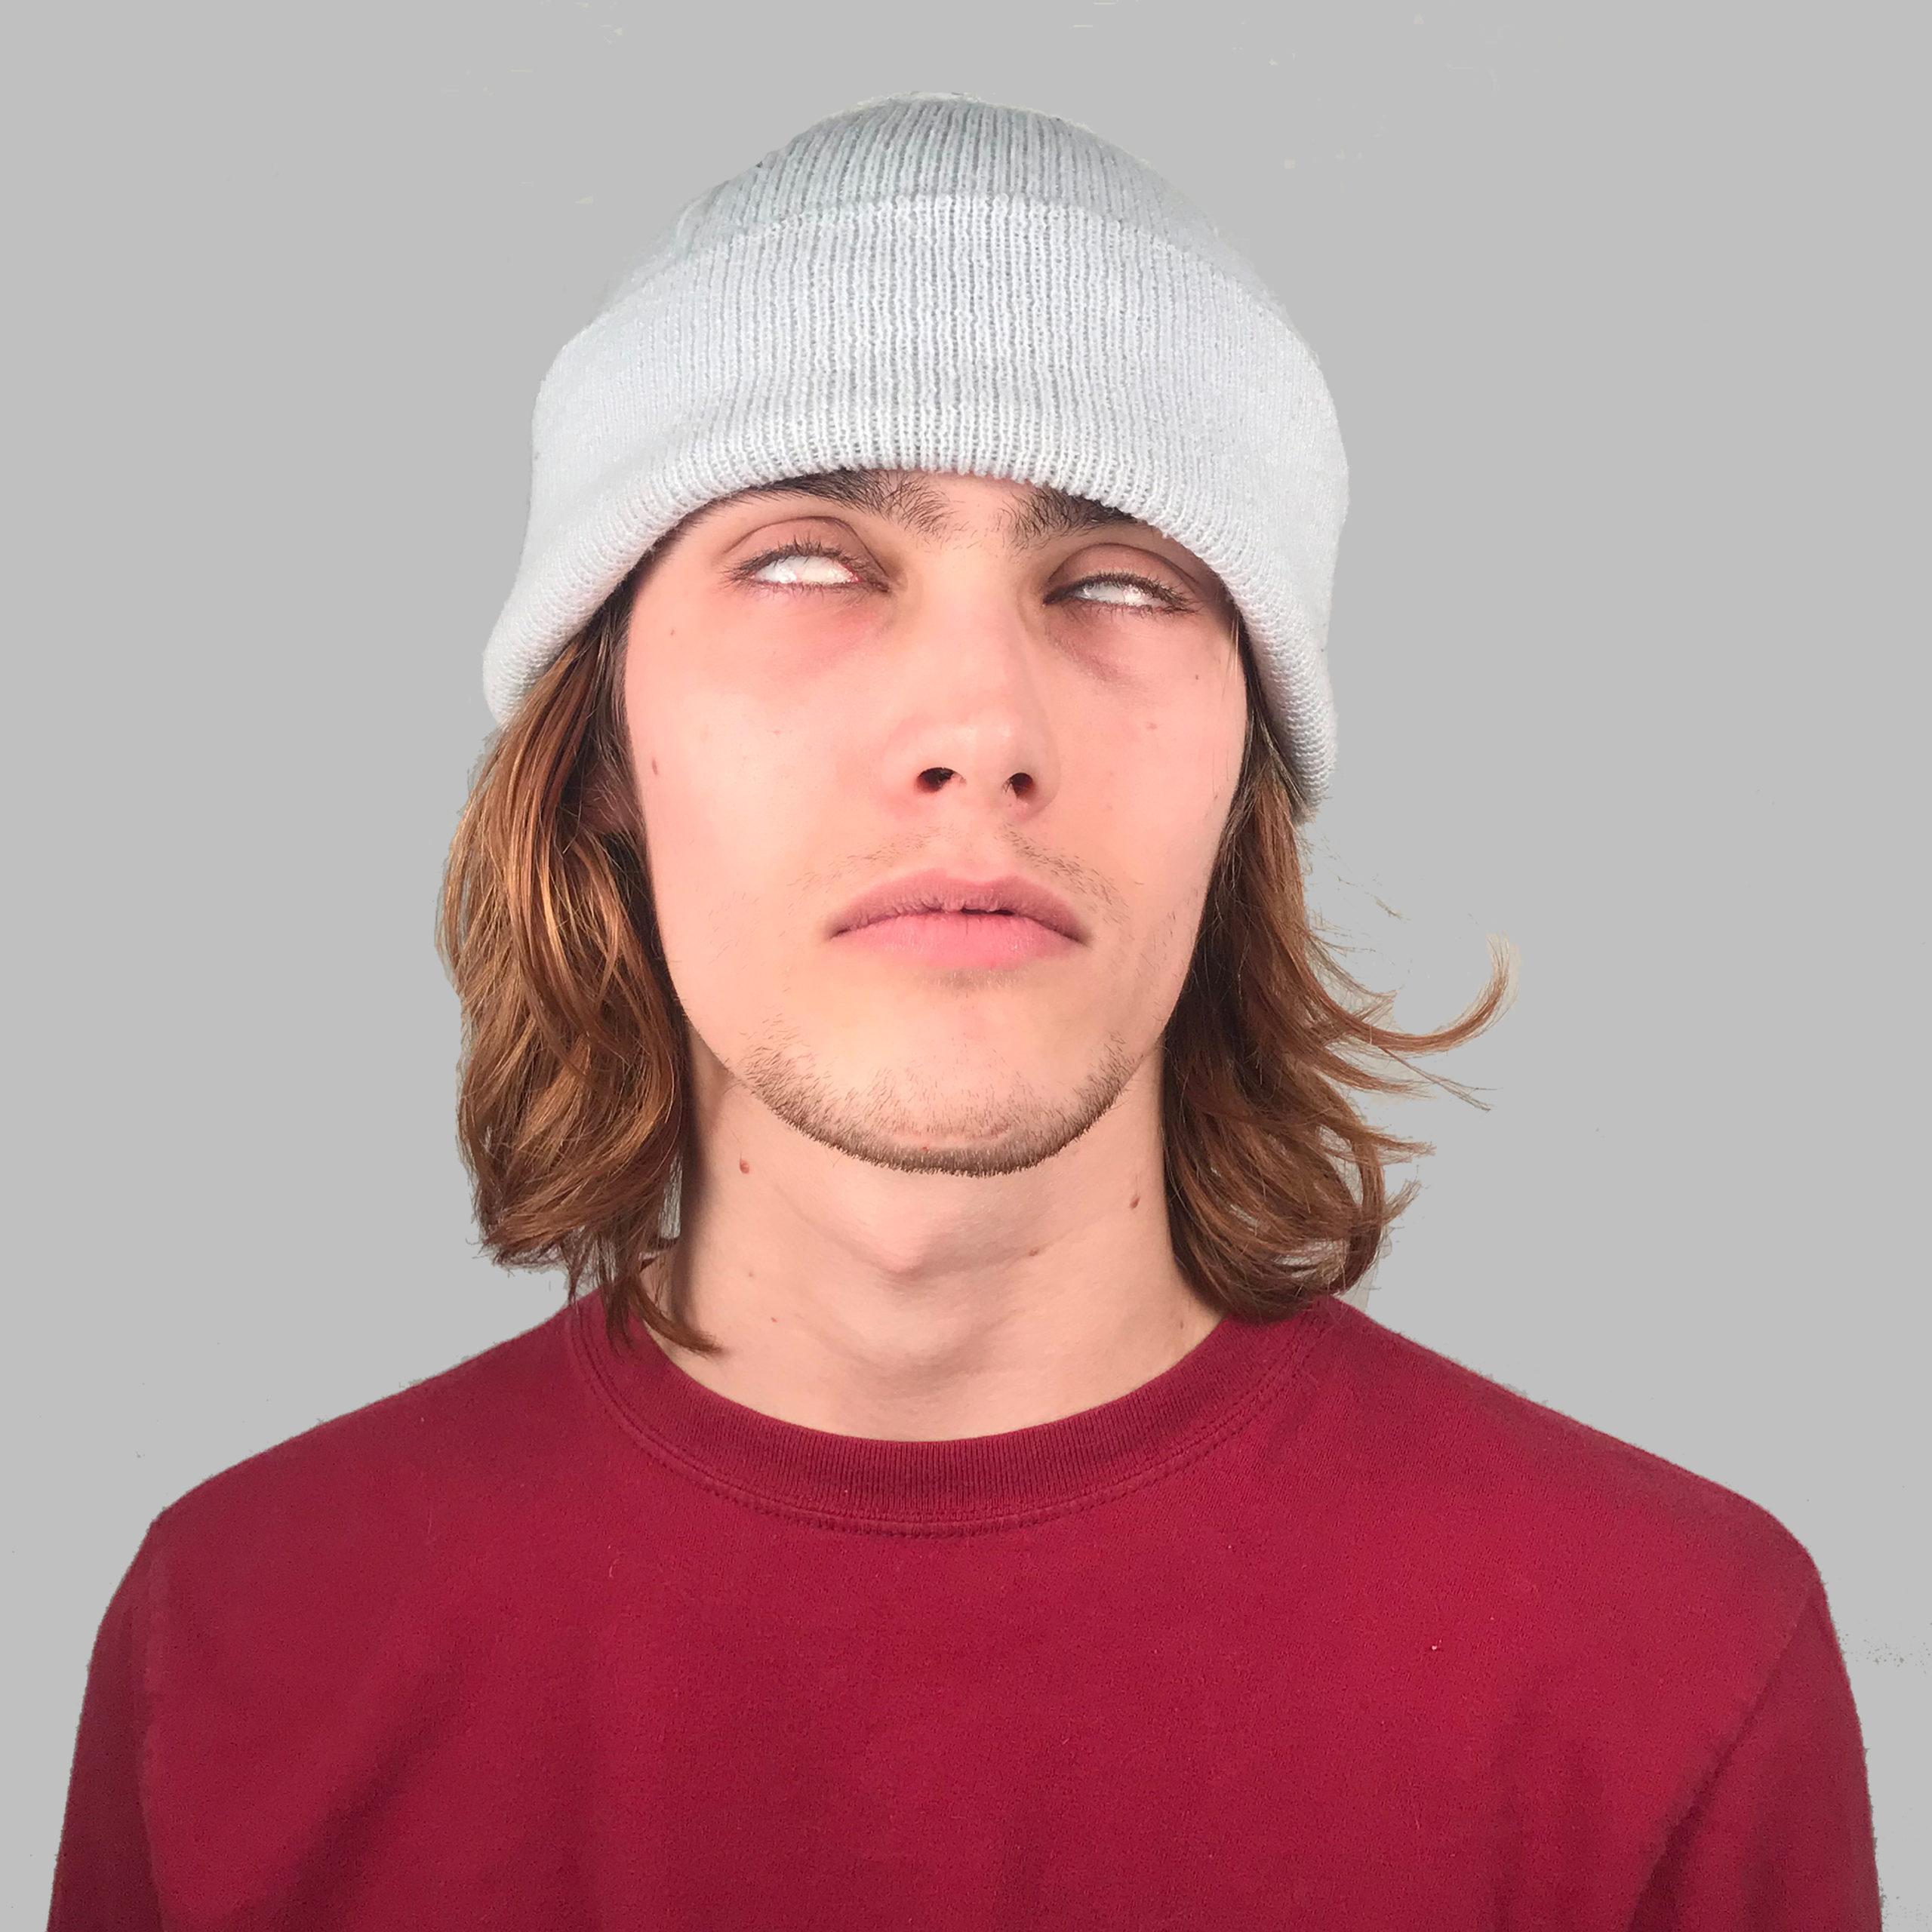 austin headshot scaled